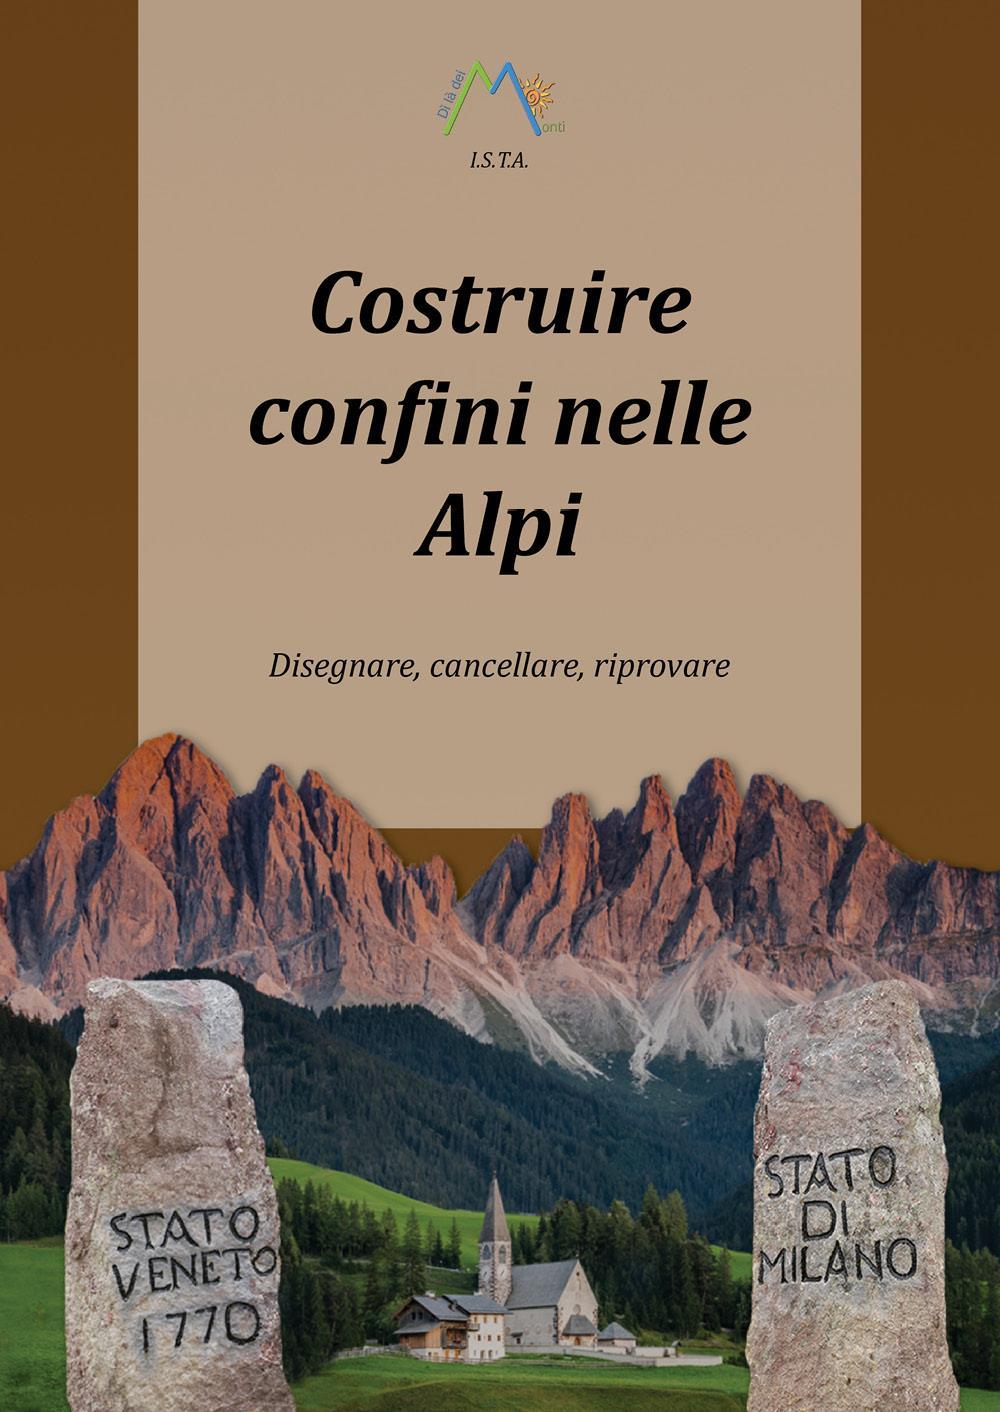 Costruire confini nelle Alpi. Disegnare, cancellare, riprovare